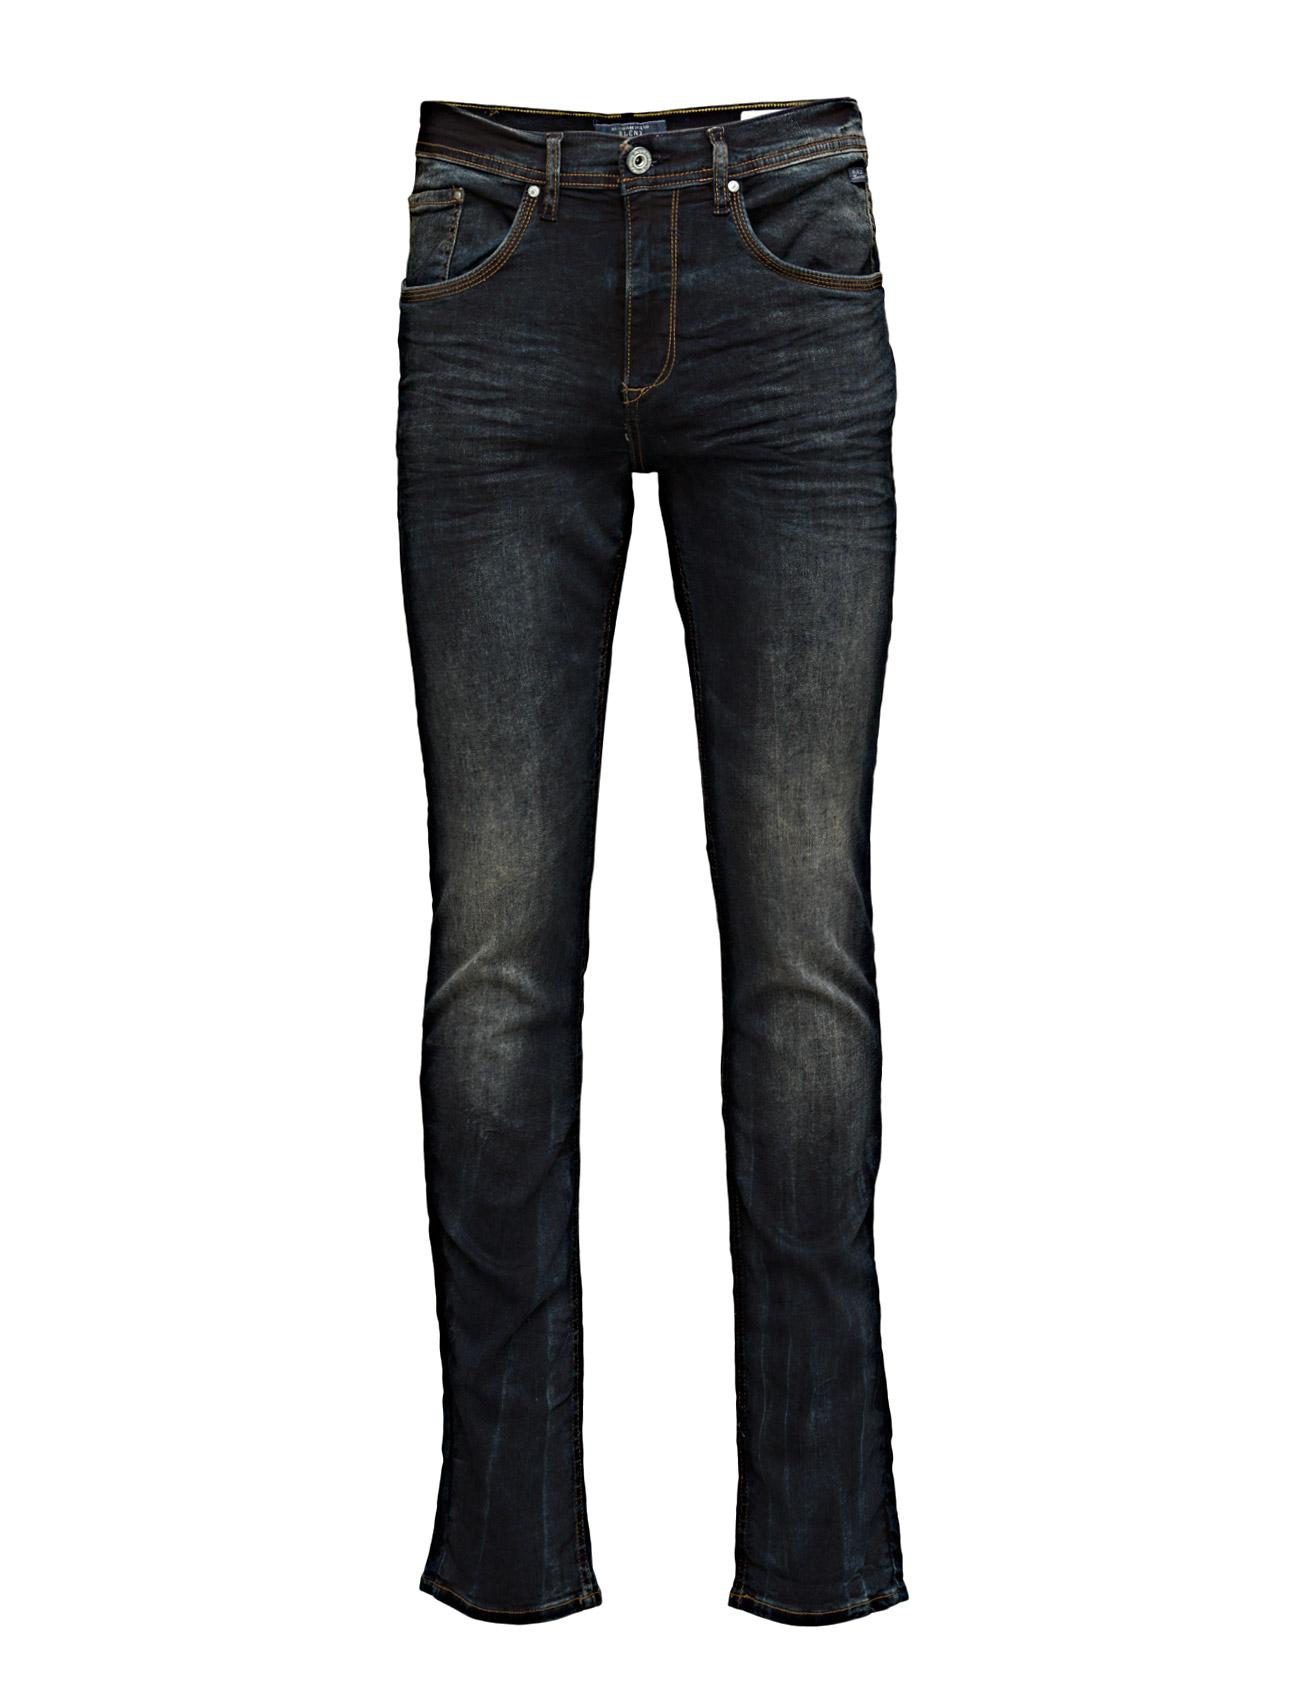 Jeans - Noos Jet Fit Blend Slim til Herrer i